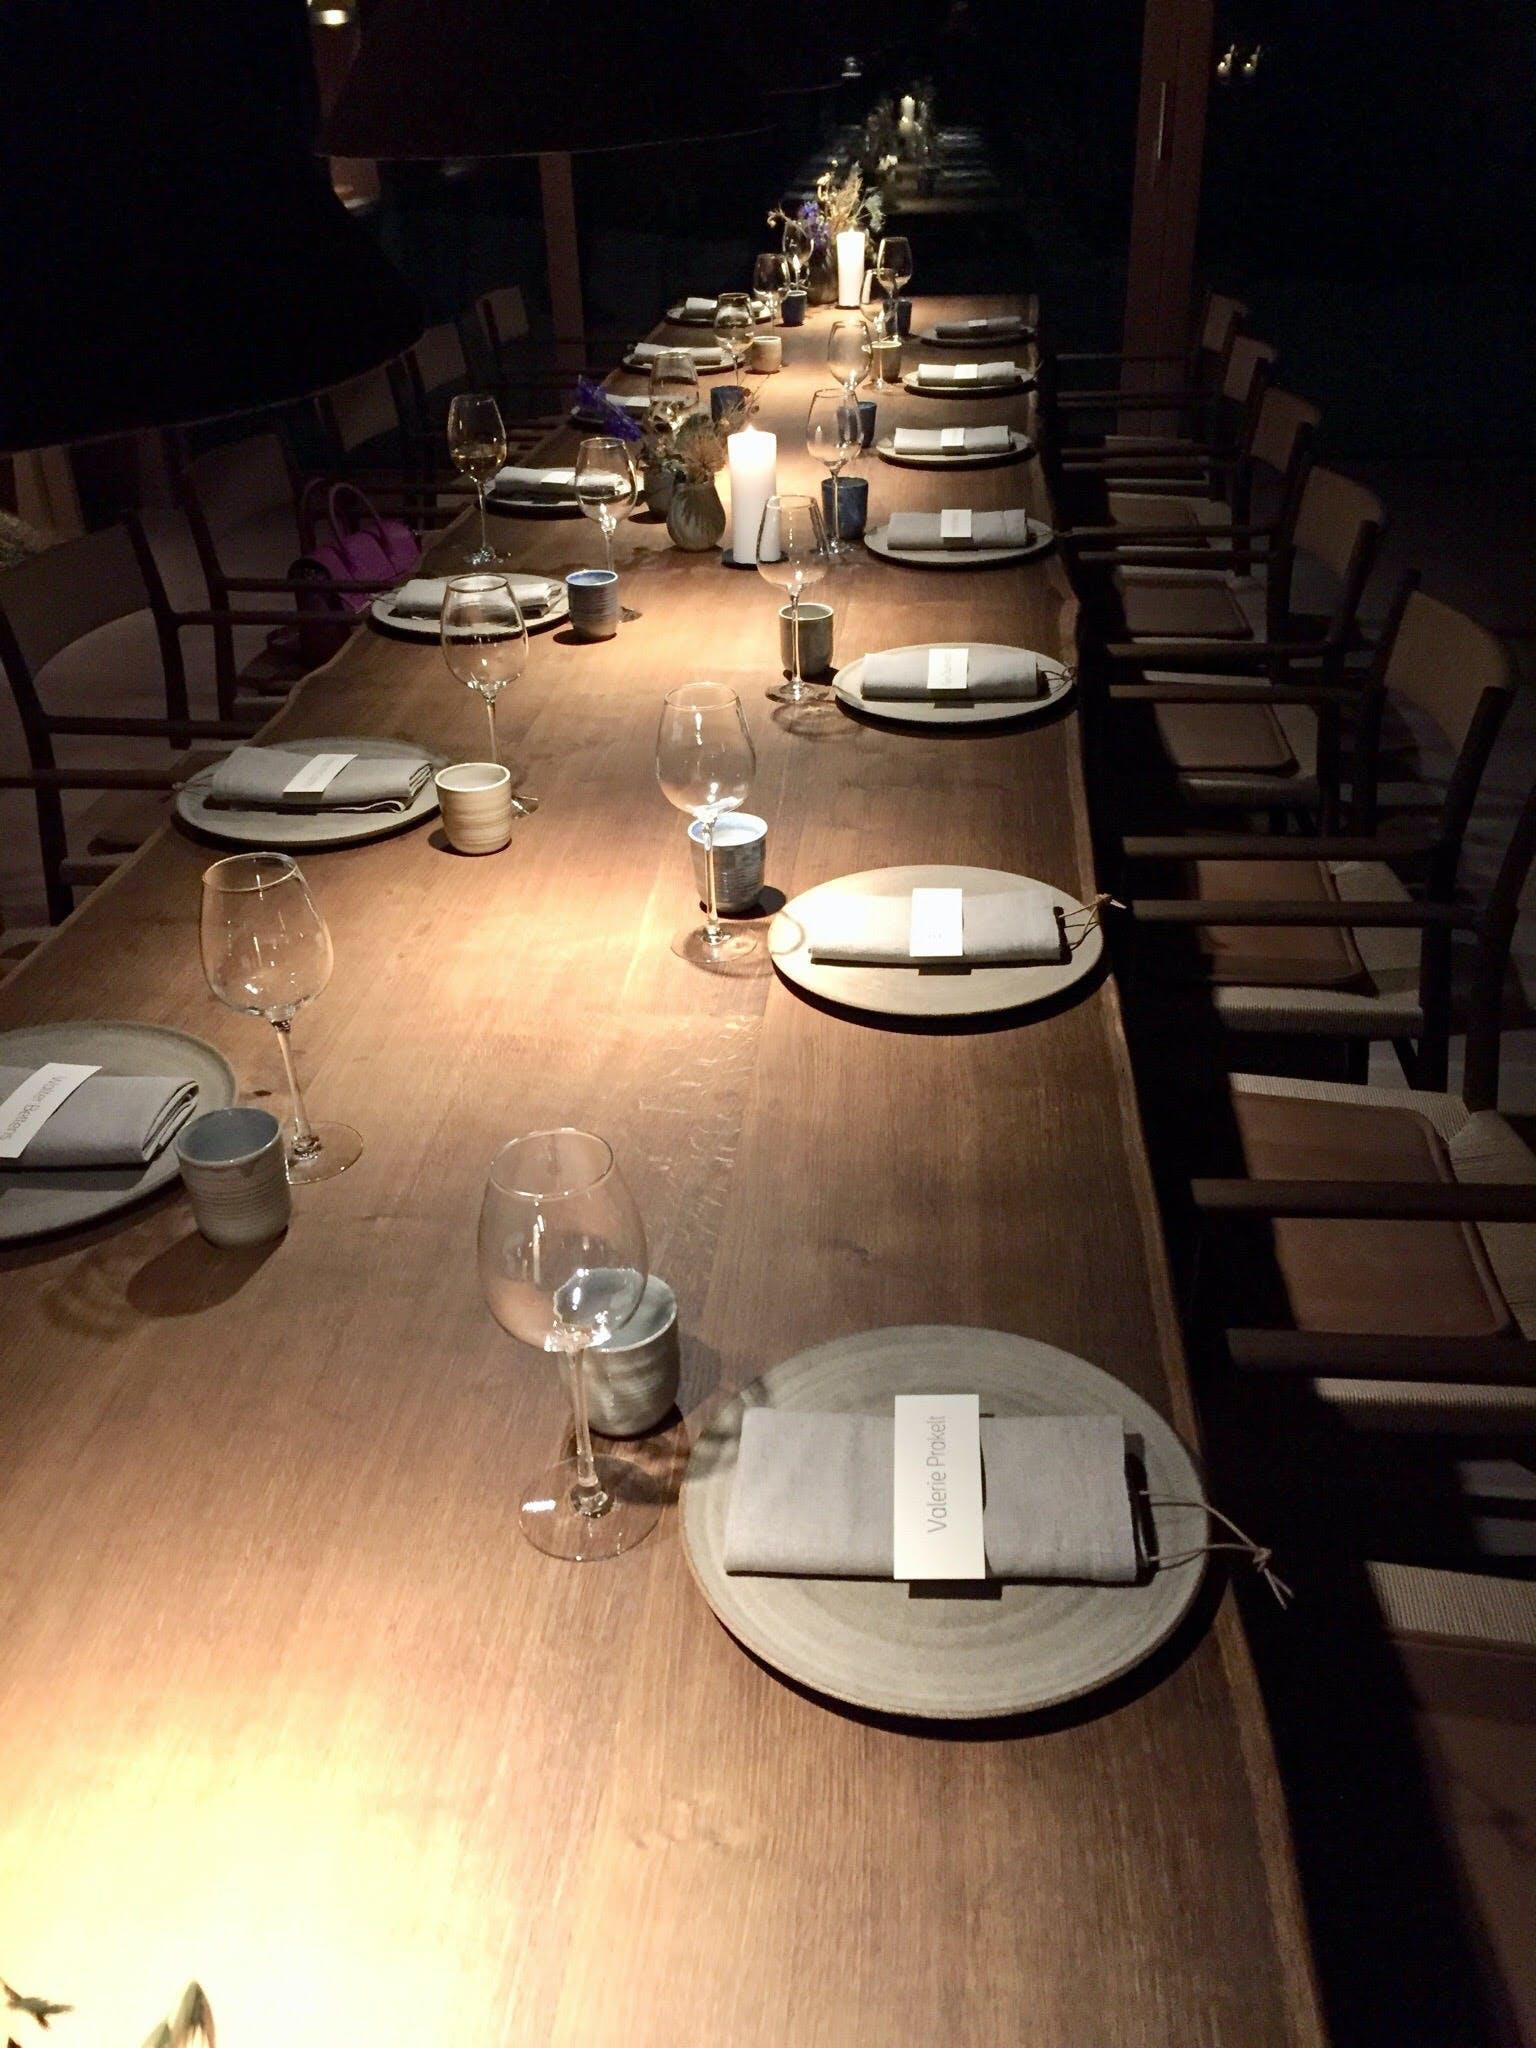 noma restaurant borddækning københavn danmark